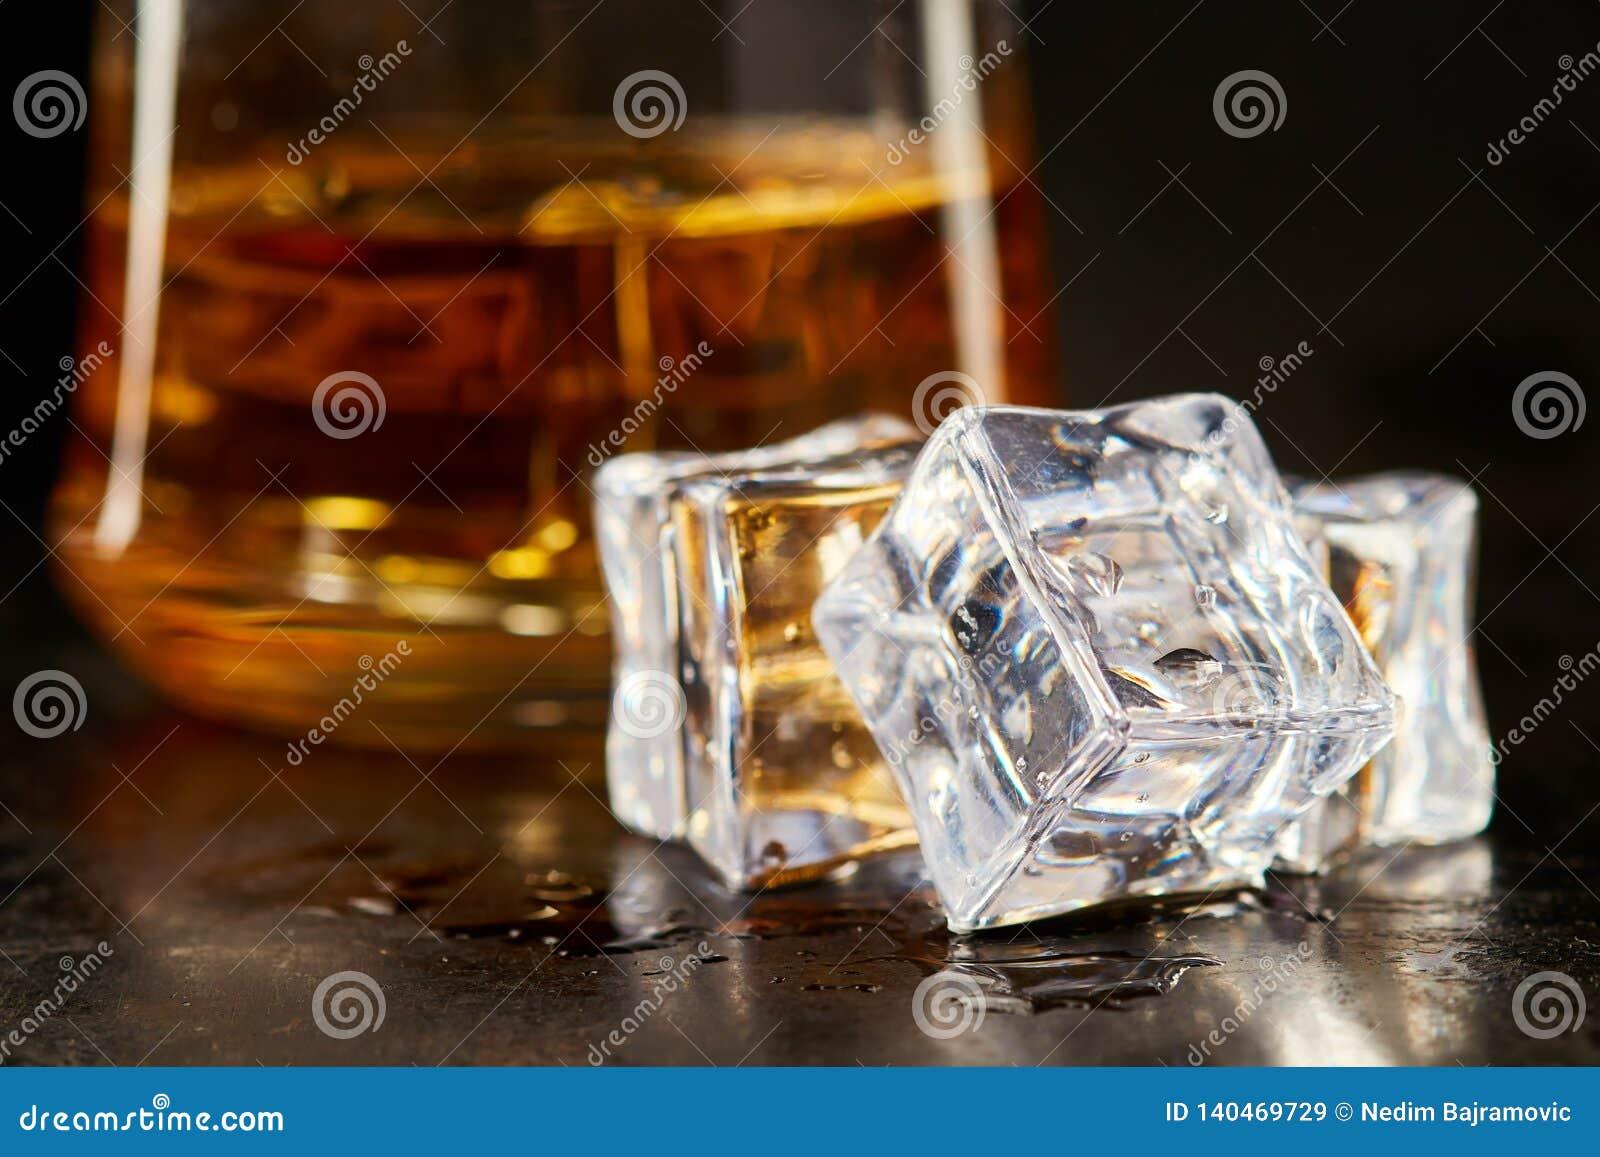 Moczy kwadratowych kostka lodu